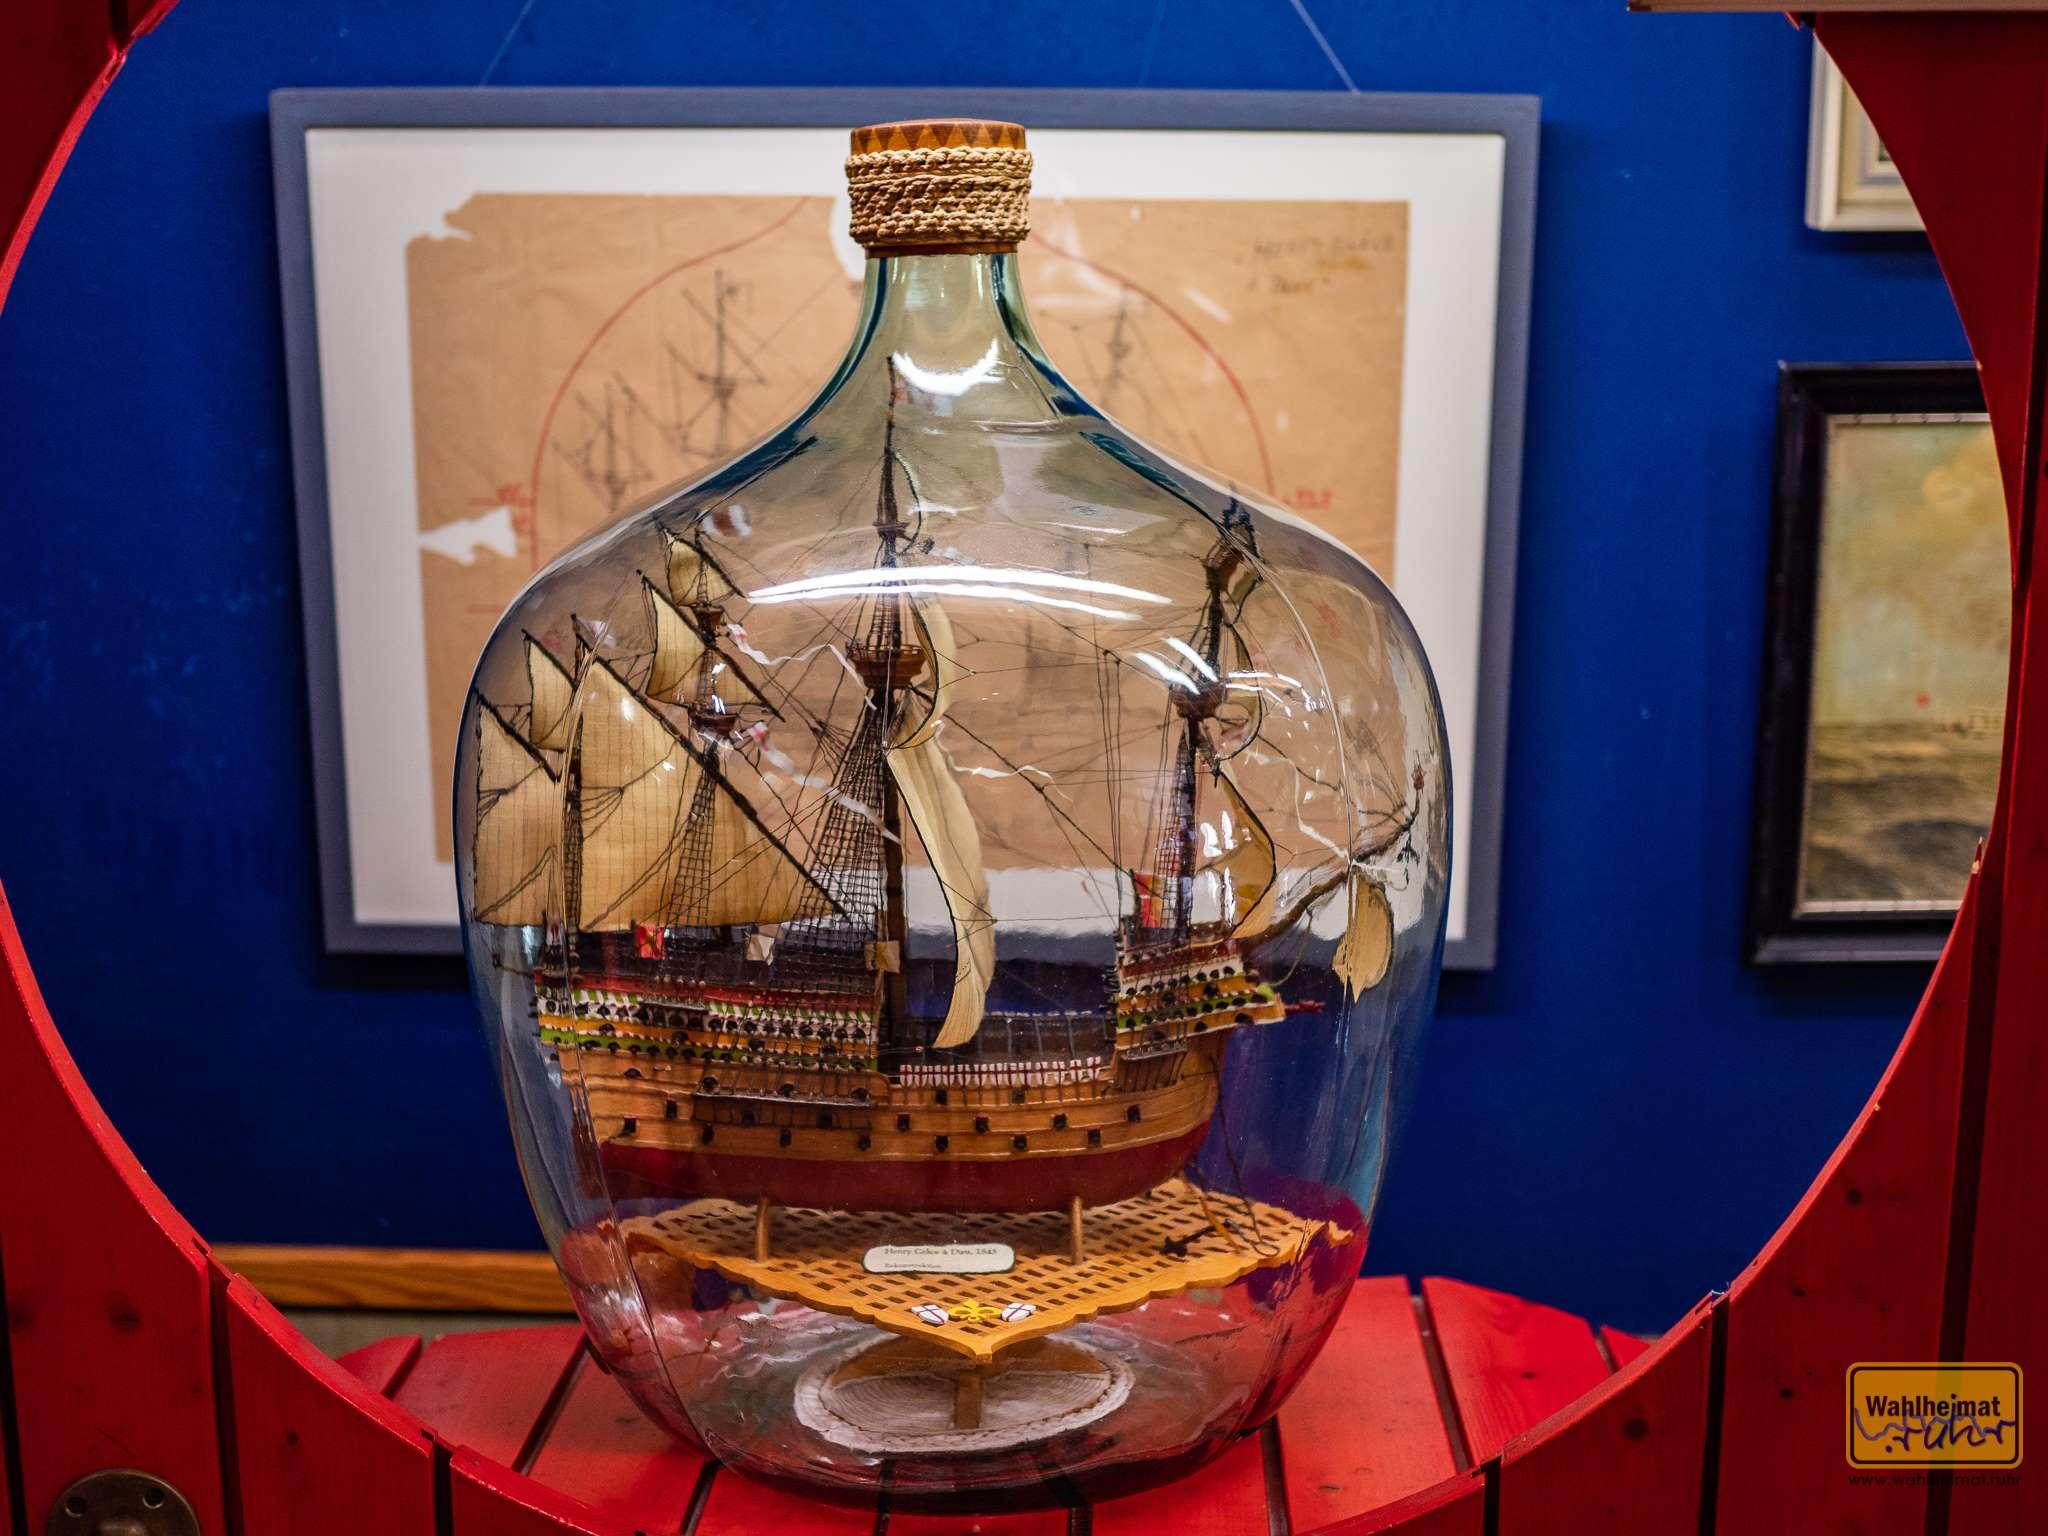 Faszinierend, wie detailreich die vielen Schiffchen in den Flaschen sein können.